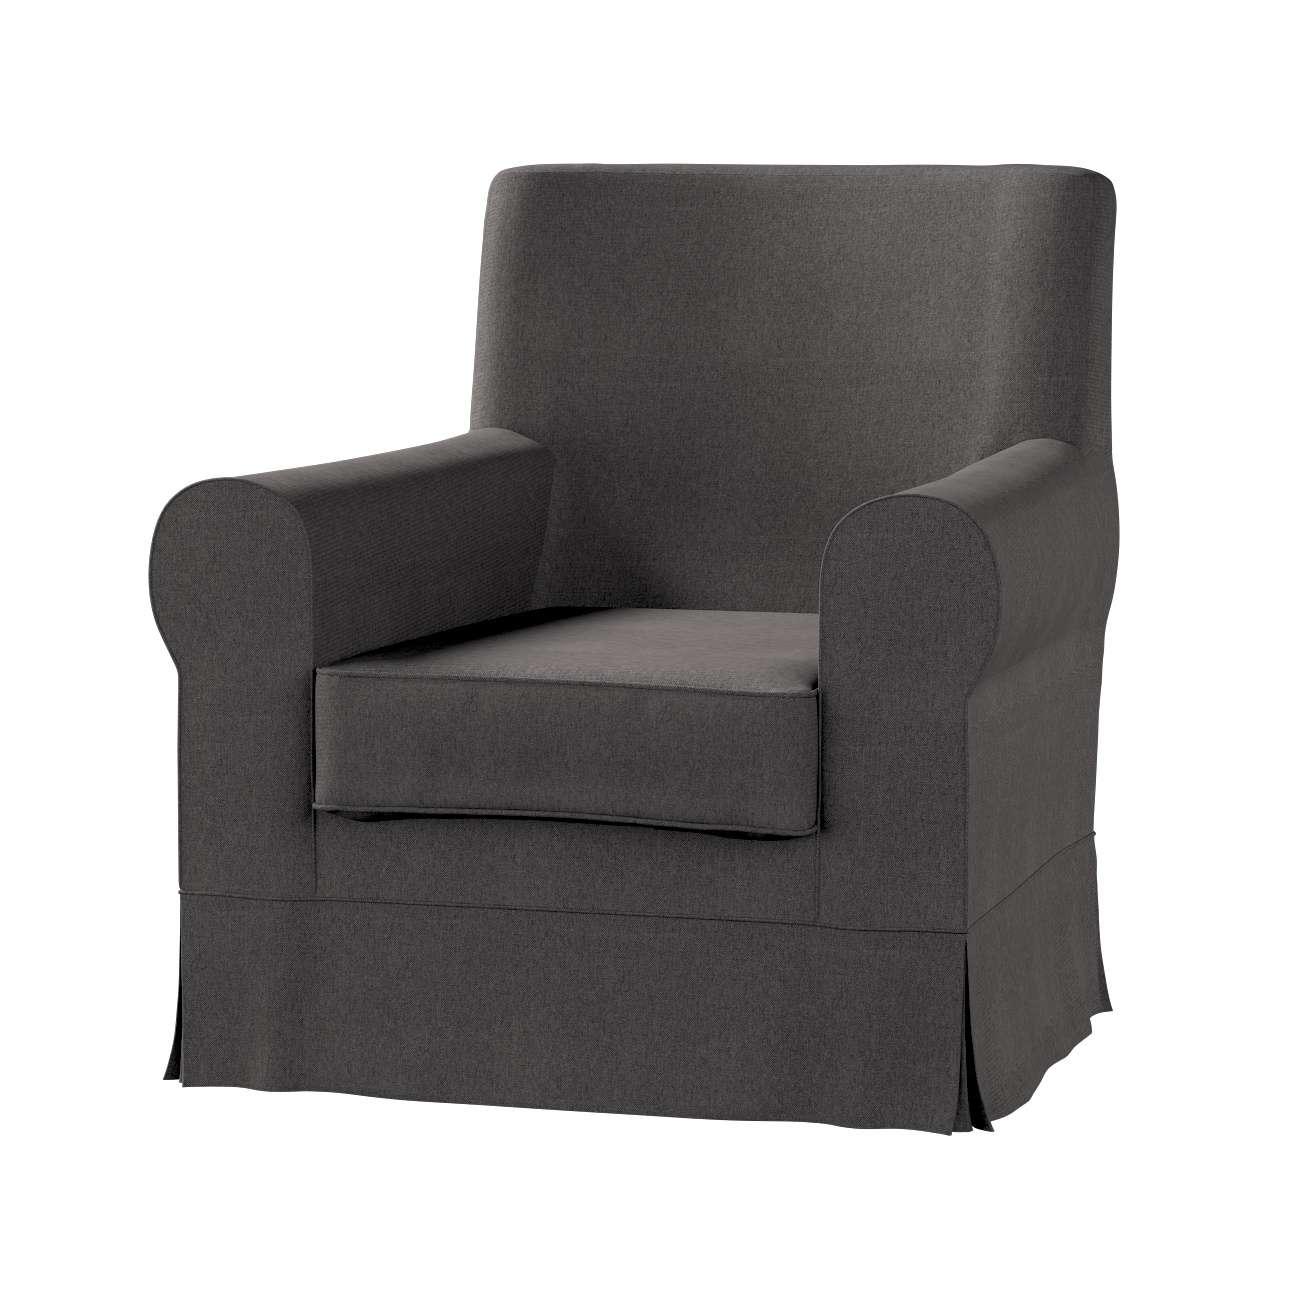 EKTORP JENNYLUND fotelio užvalkalas Ektorp Jennylund fotelio užvalkalas kolekcijoje Etna , audinys: 705-35